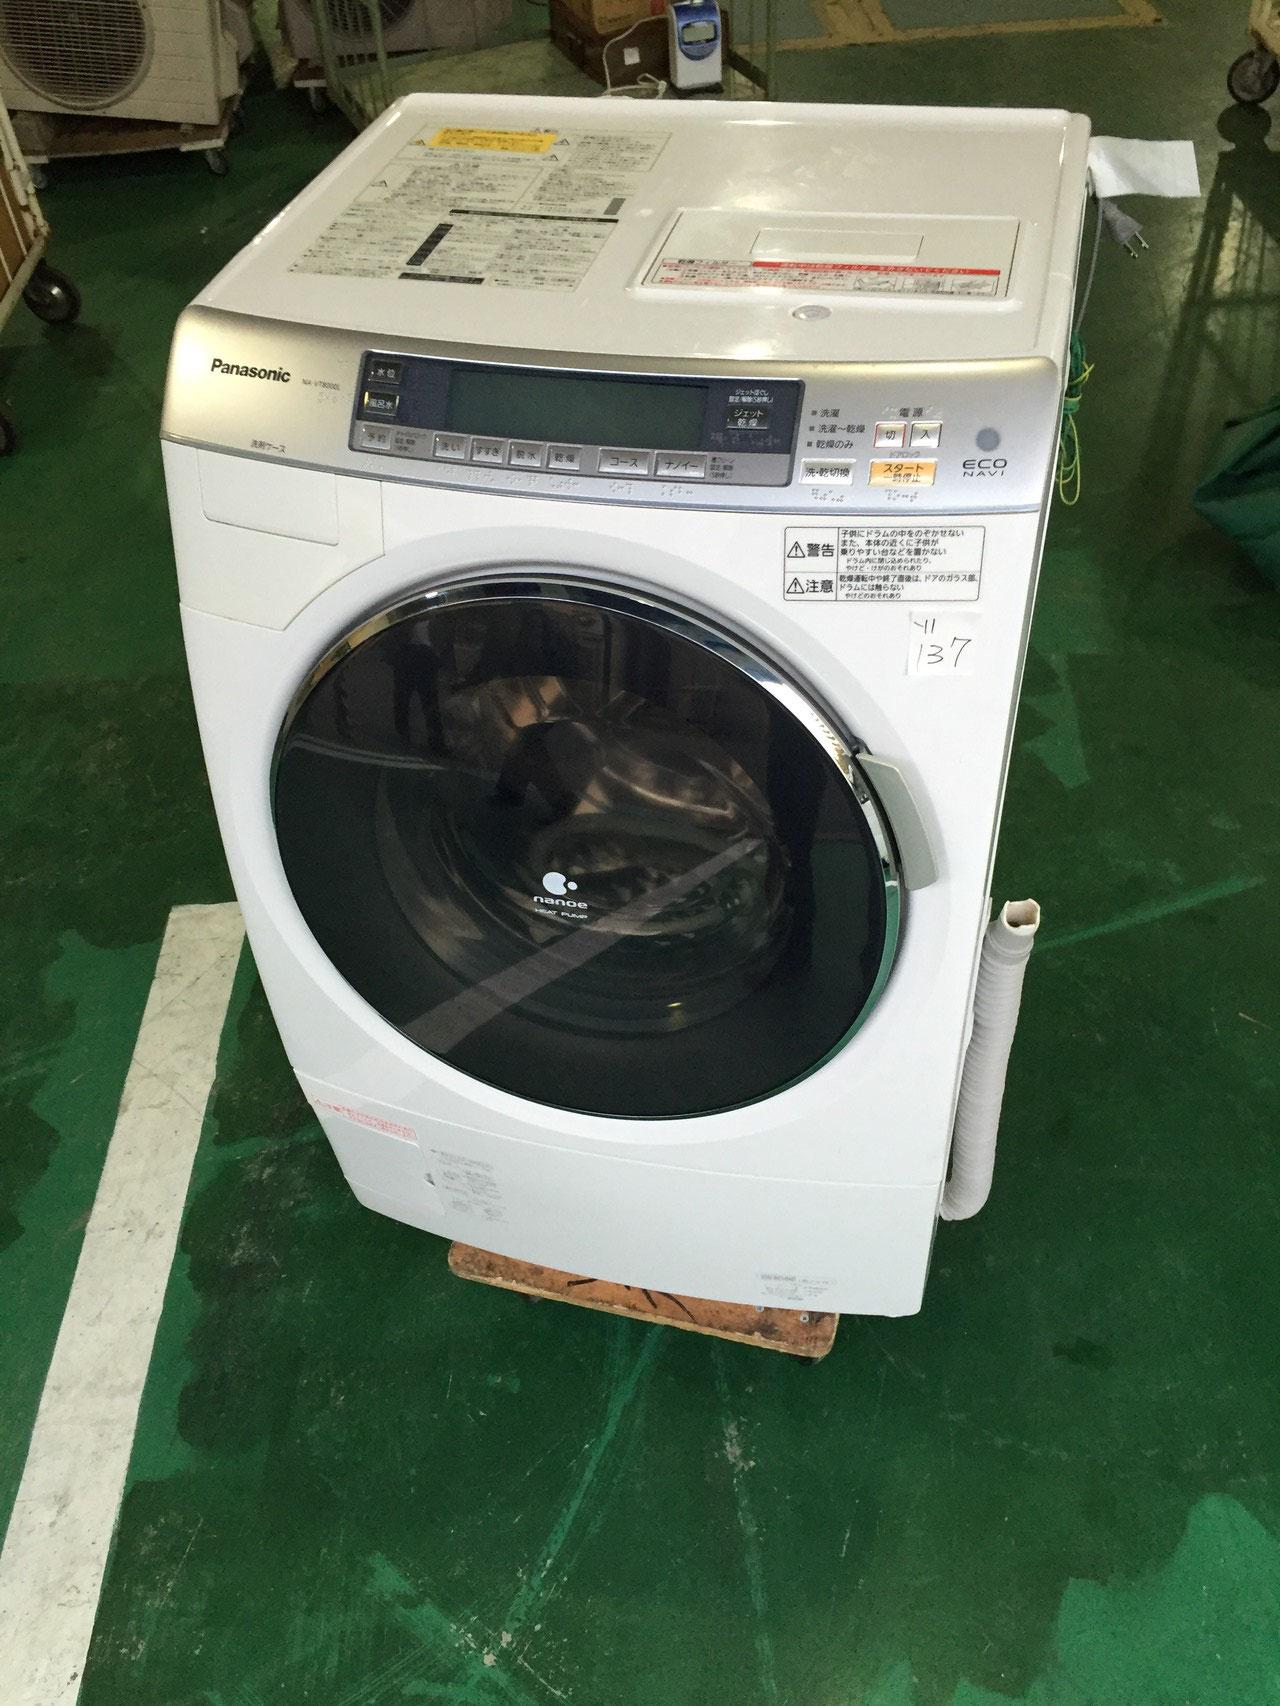 Panasonicドラム式洗濯機